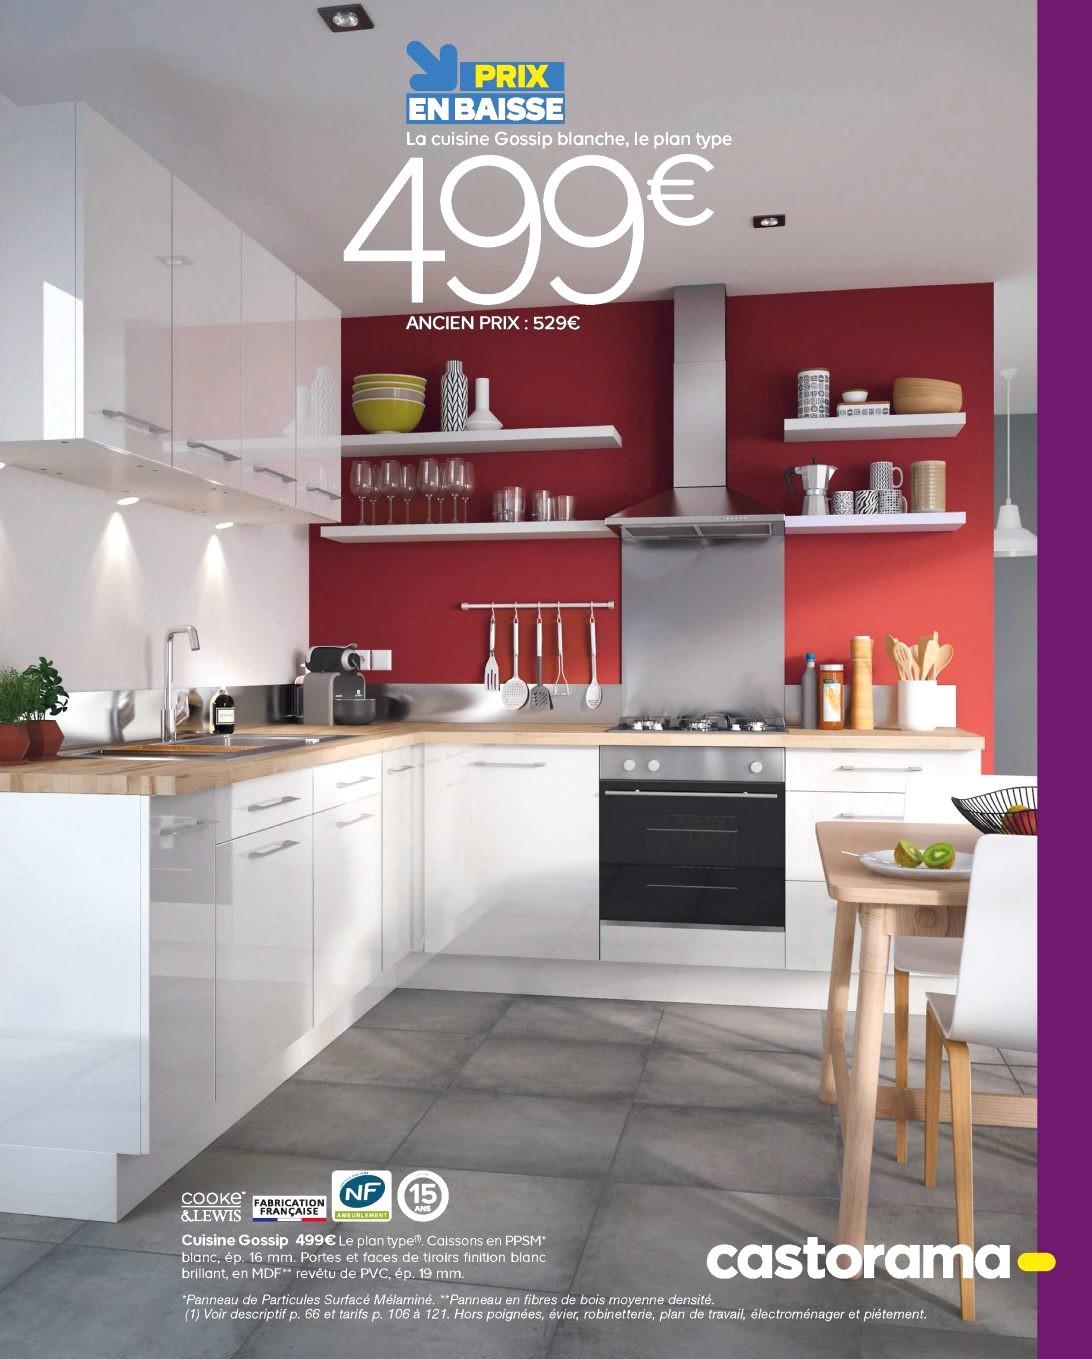 Fixation Antenne Tv Brico Depot Luxe Images Mod¨le De Plan De Travail Pour Cuisine Beautiful Fixation Antenne Tv